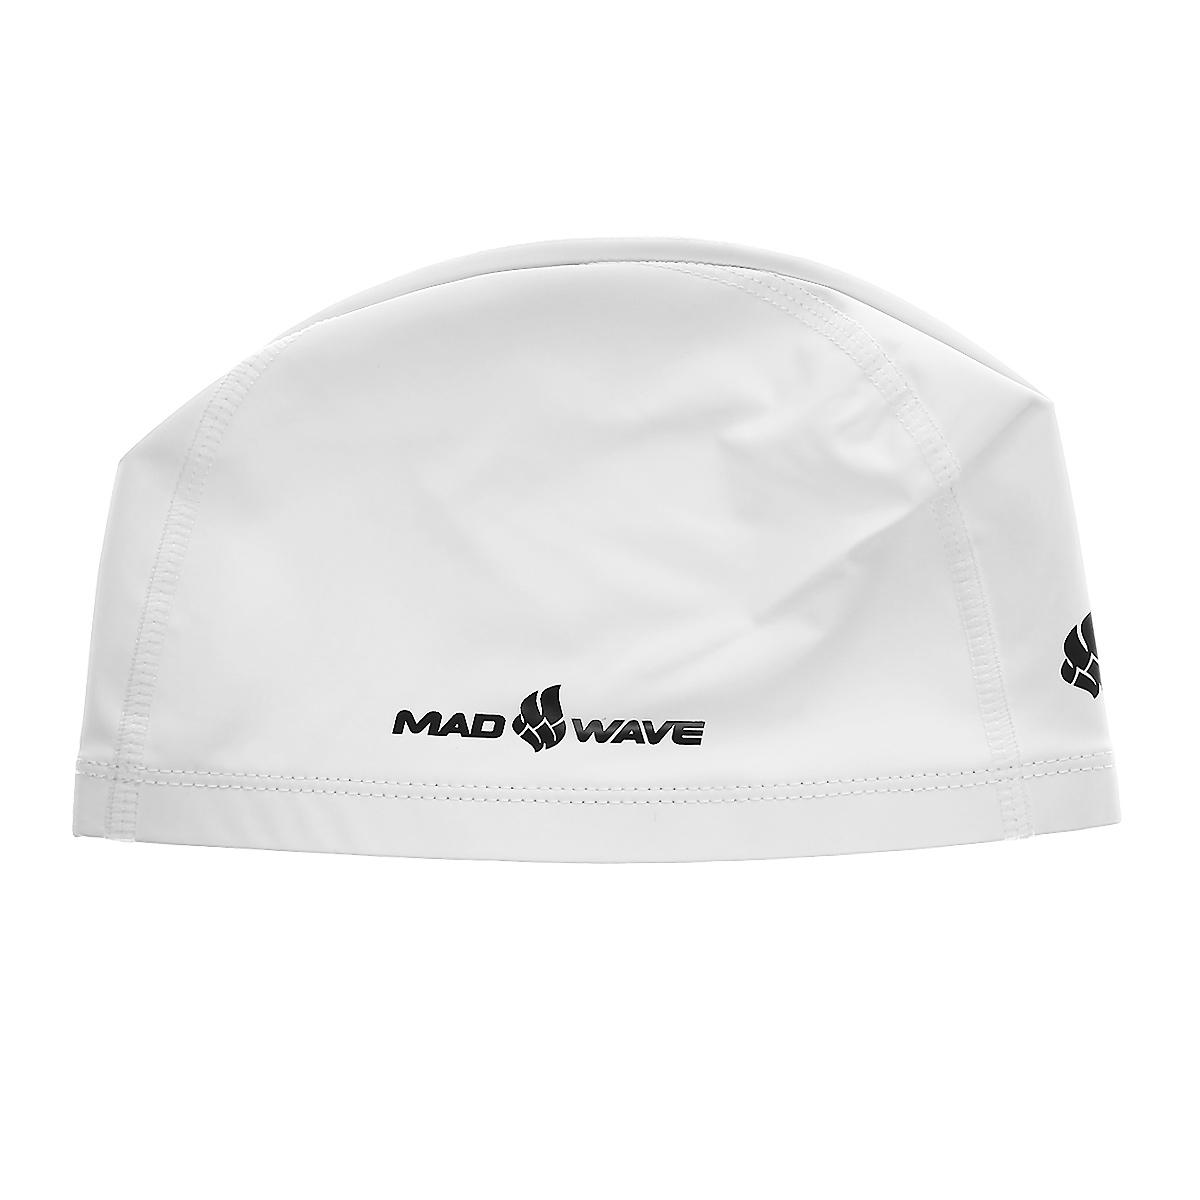 Шапочка для плавания Mad Wave PUT Coated, цвет: белый10007081Текстильная шапочка Mad Wave PUT Coated с полиуретановым покрытием. Лучший выбор для ежедневных тренировок. Легкая и эргономичая. Легко снимается и надевается, хорошо садится по форме головы и очень комфортна, благодаря комбинации нескольких материалов.